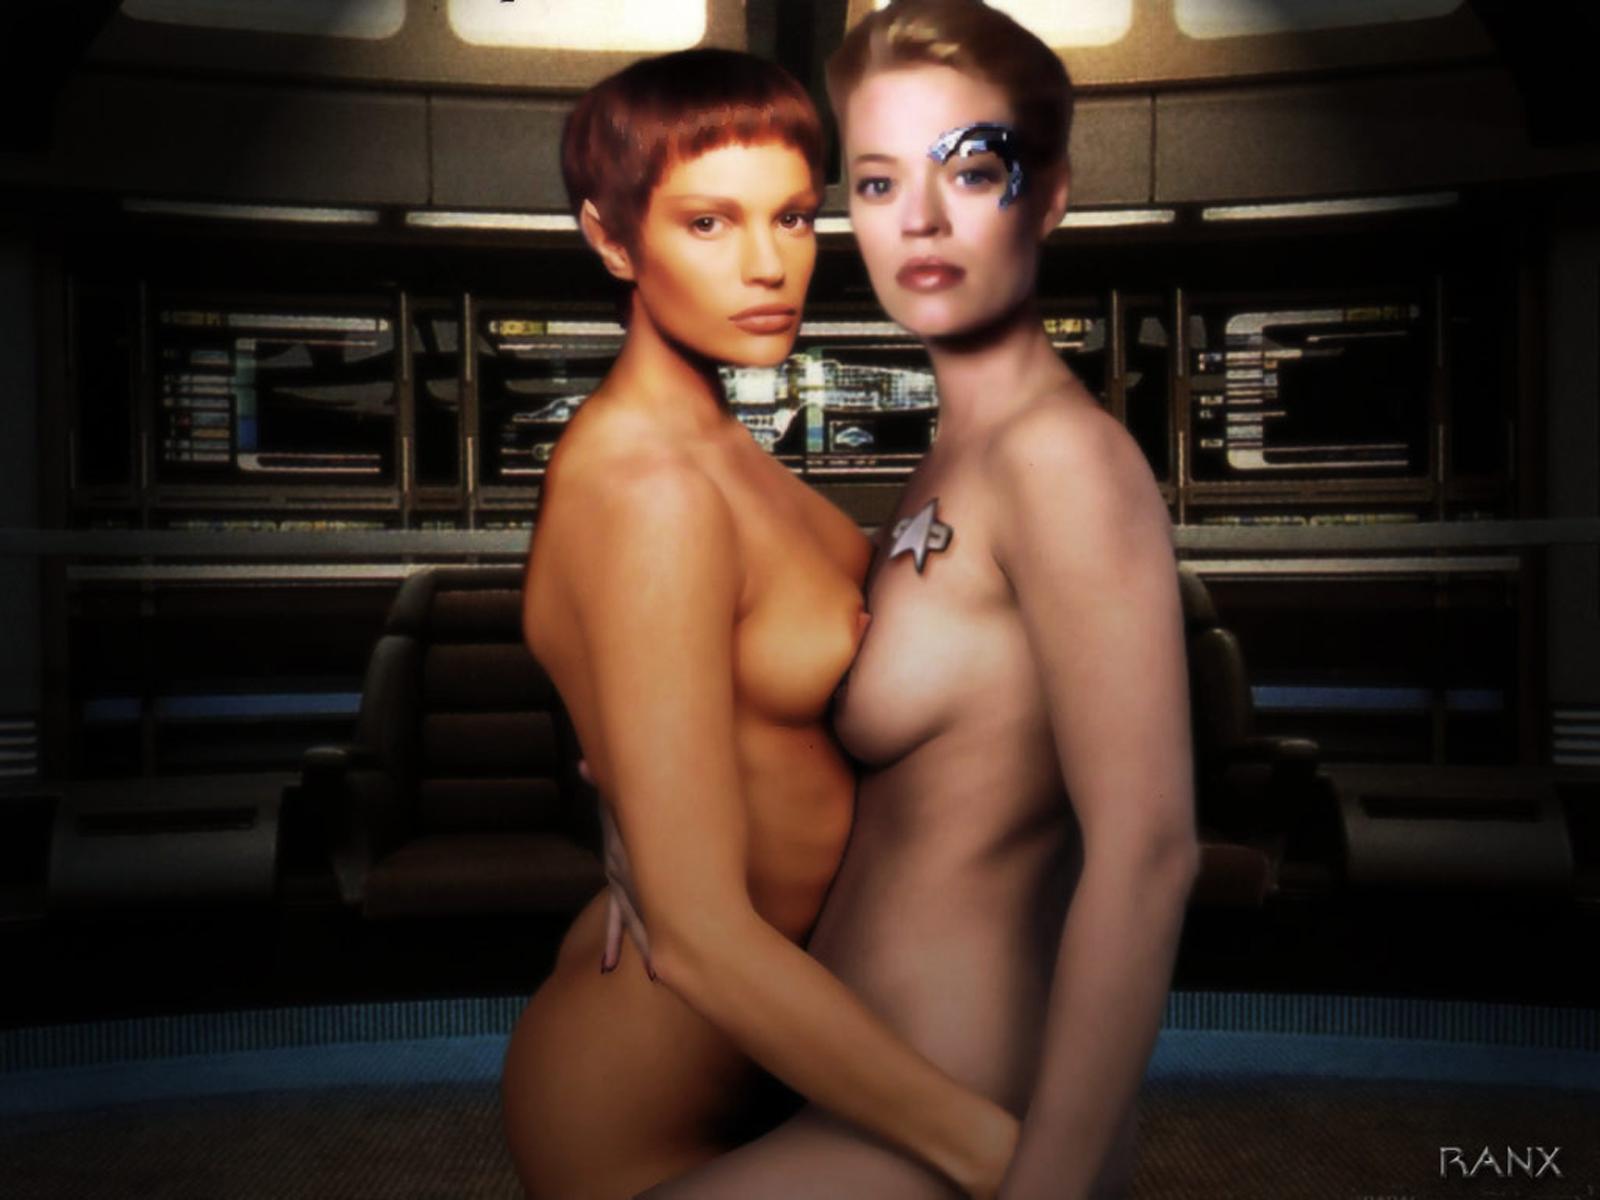 sexy startrek sex women